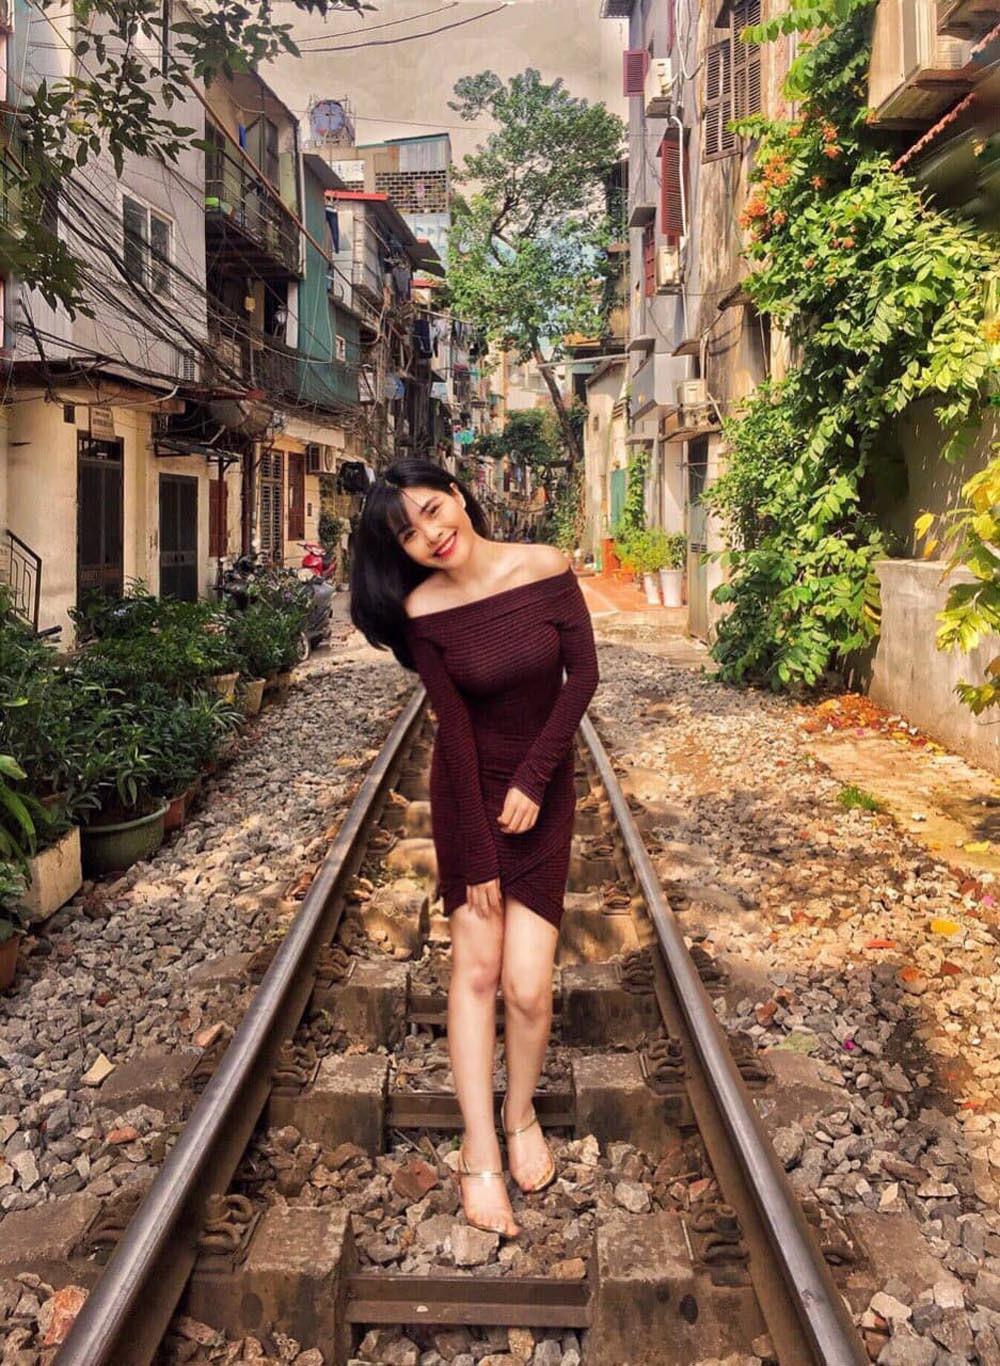 Cô gái Hà Nội xinh đẹp nhận chăm sóc bé gái ốm đau